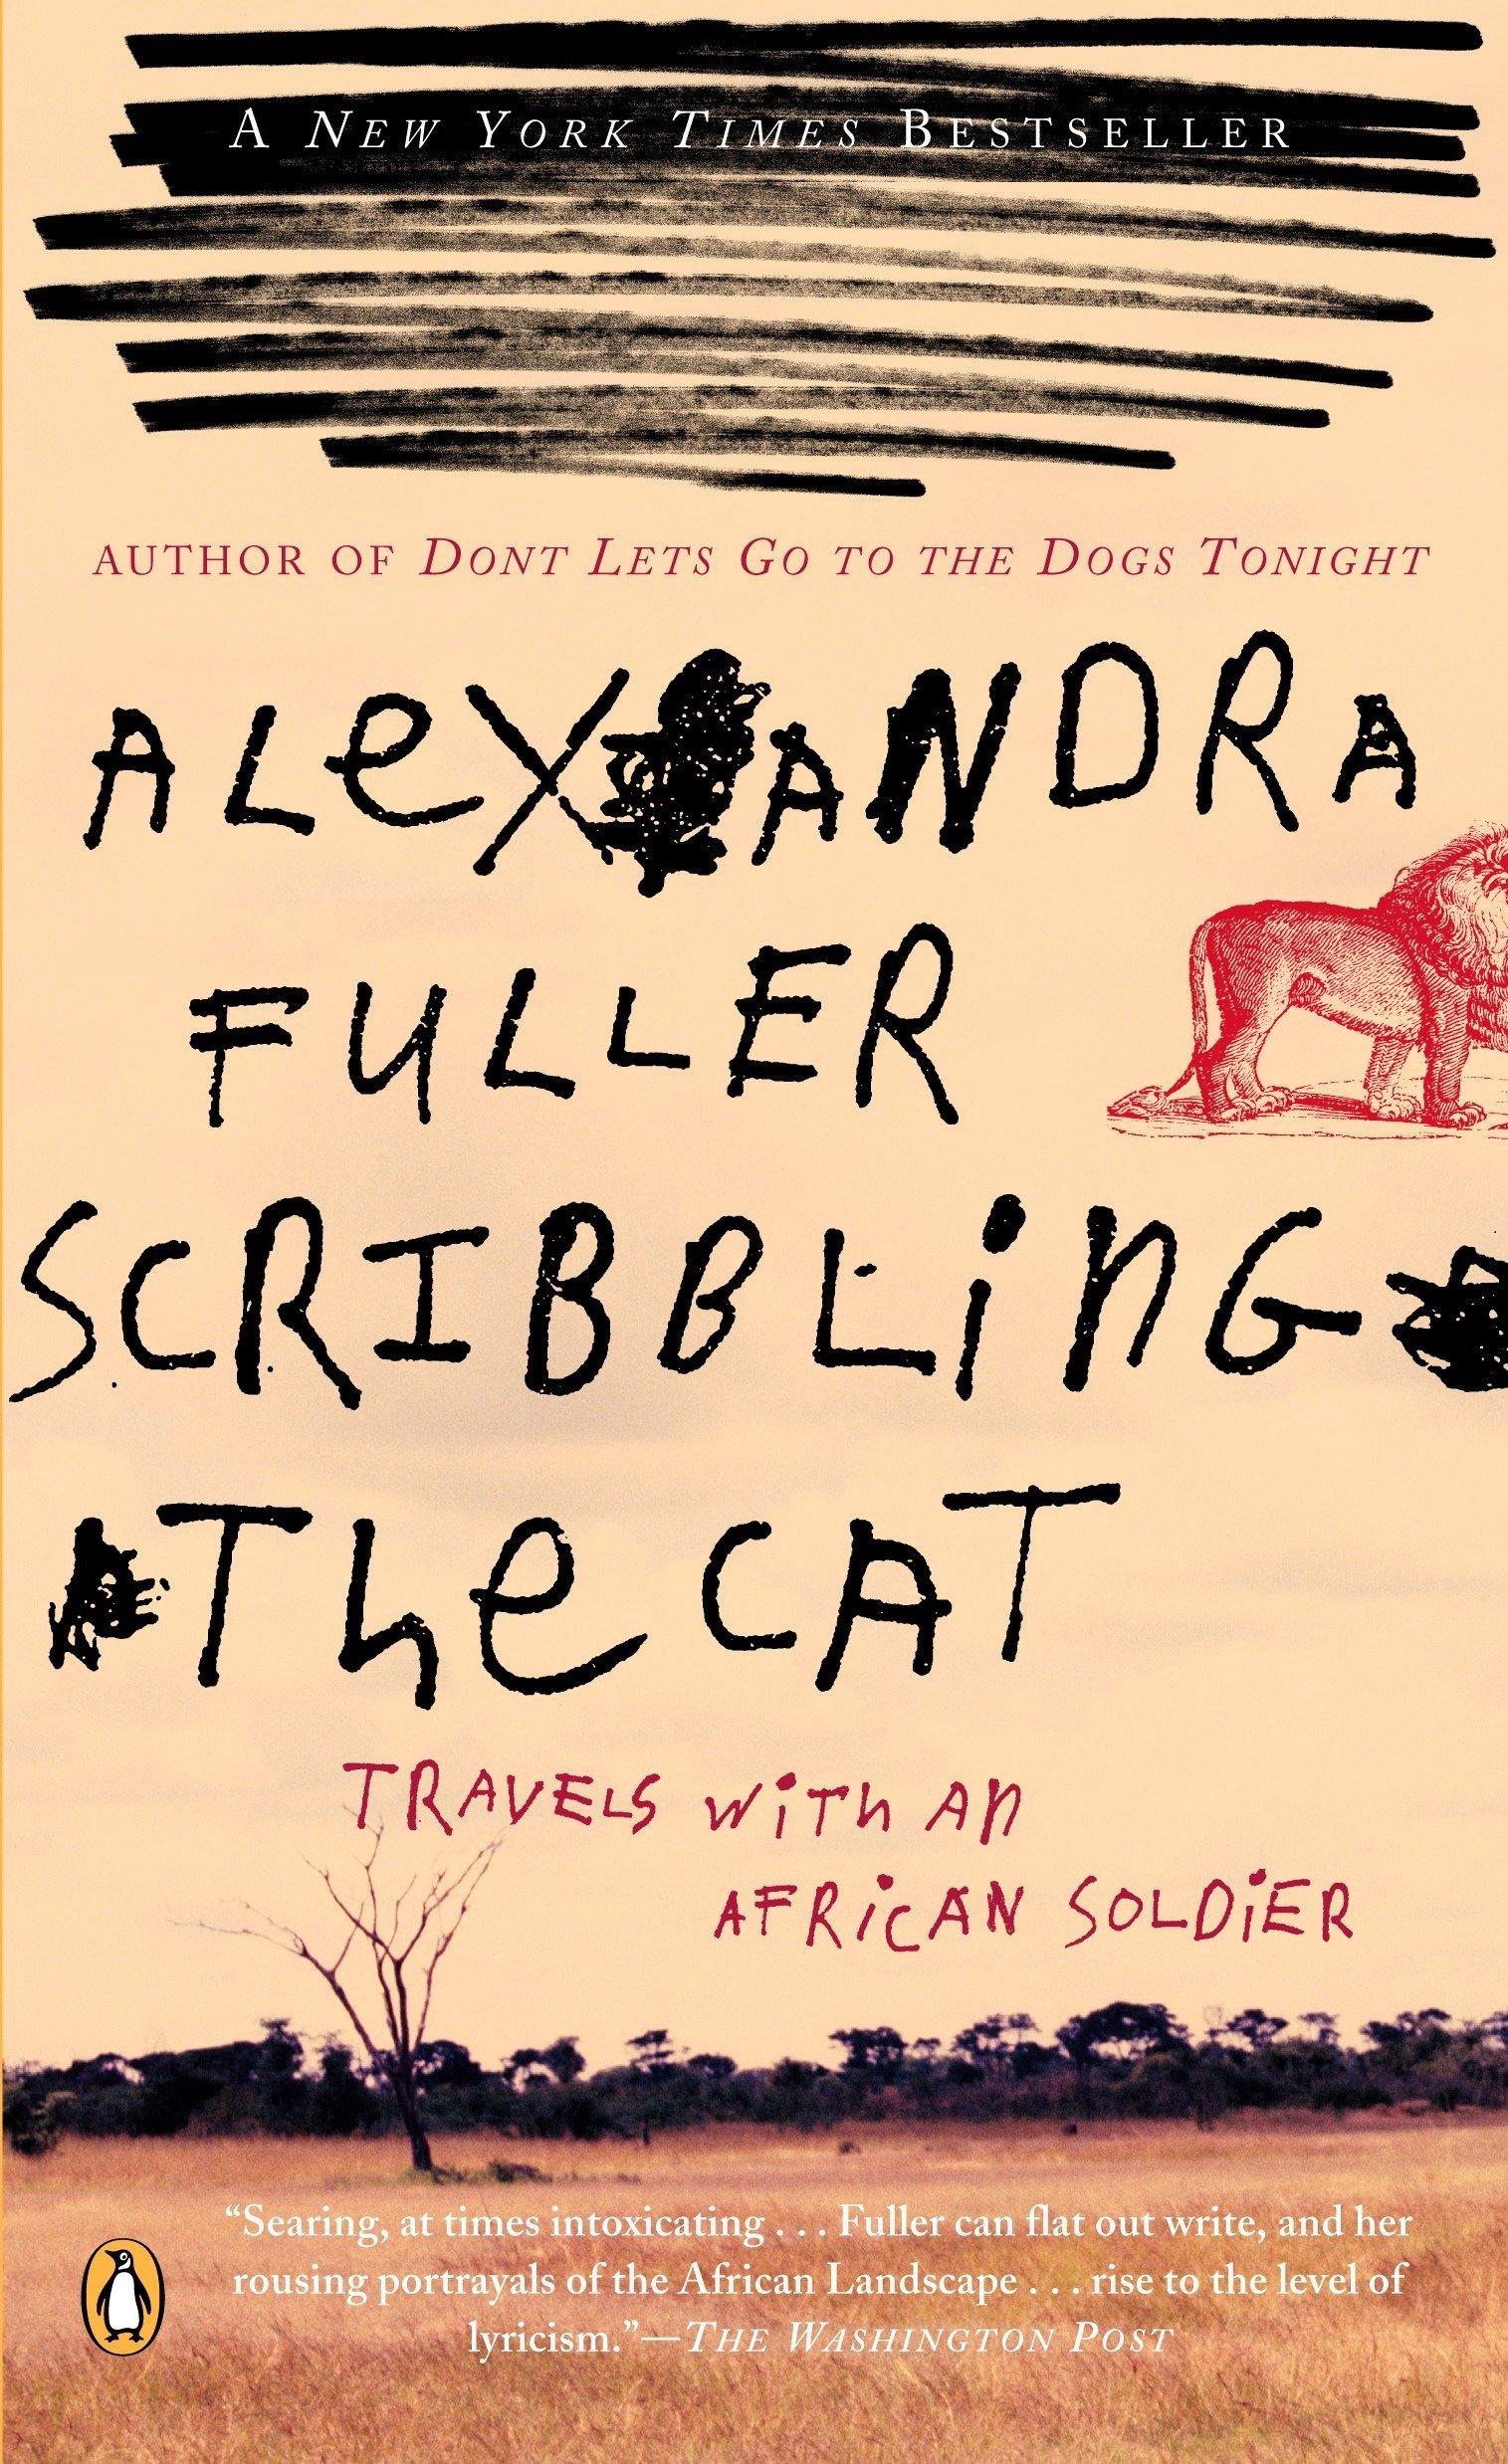 Afbeeldingsresultaat voor scribbling the cat